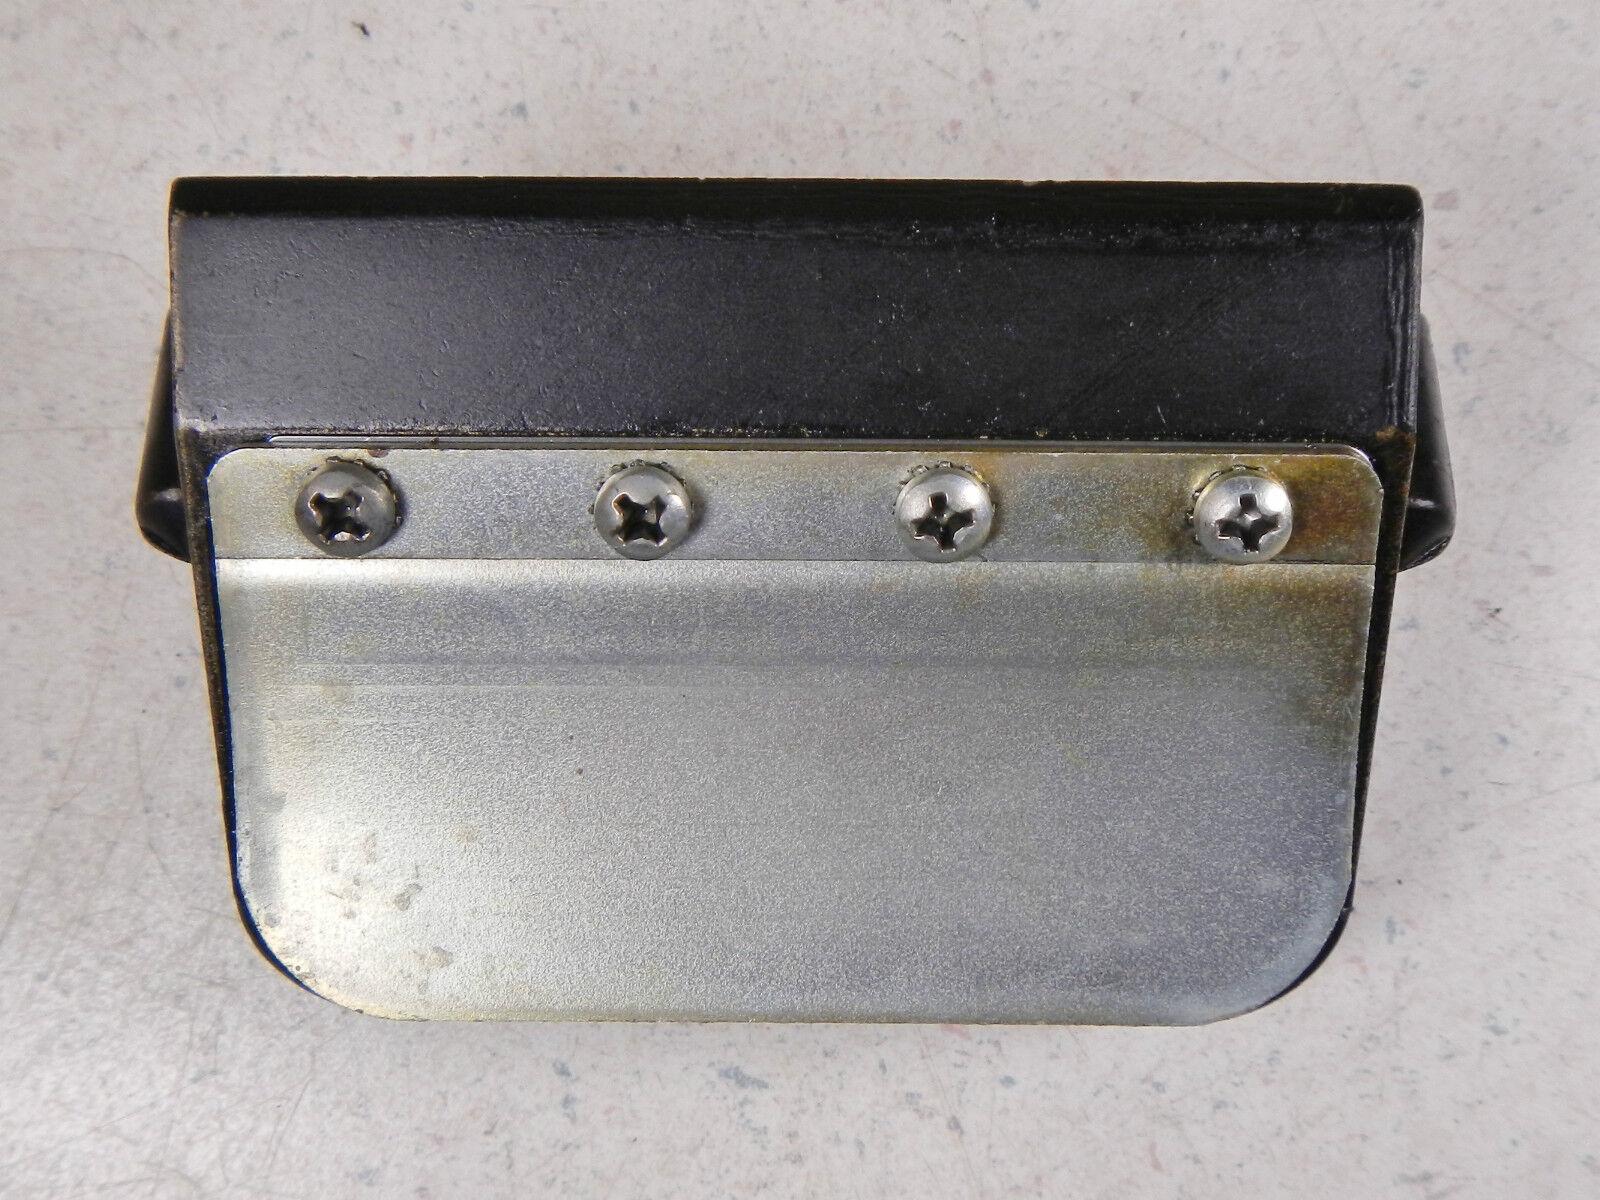 99 Omc Evinrude Blatt 115 Starboard / Port Blatt Evinrude Platte Reed Käfig Asy a544b5